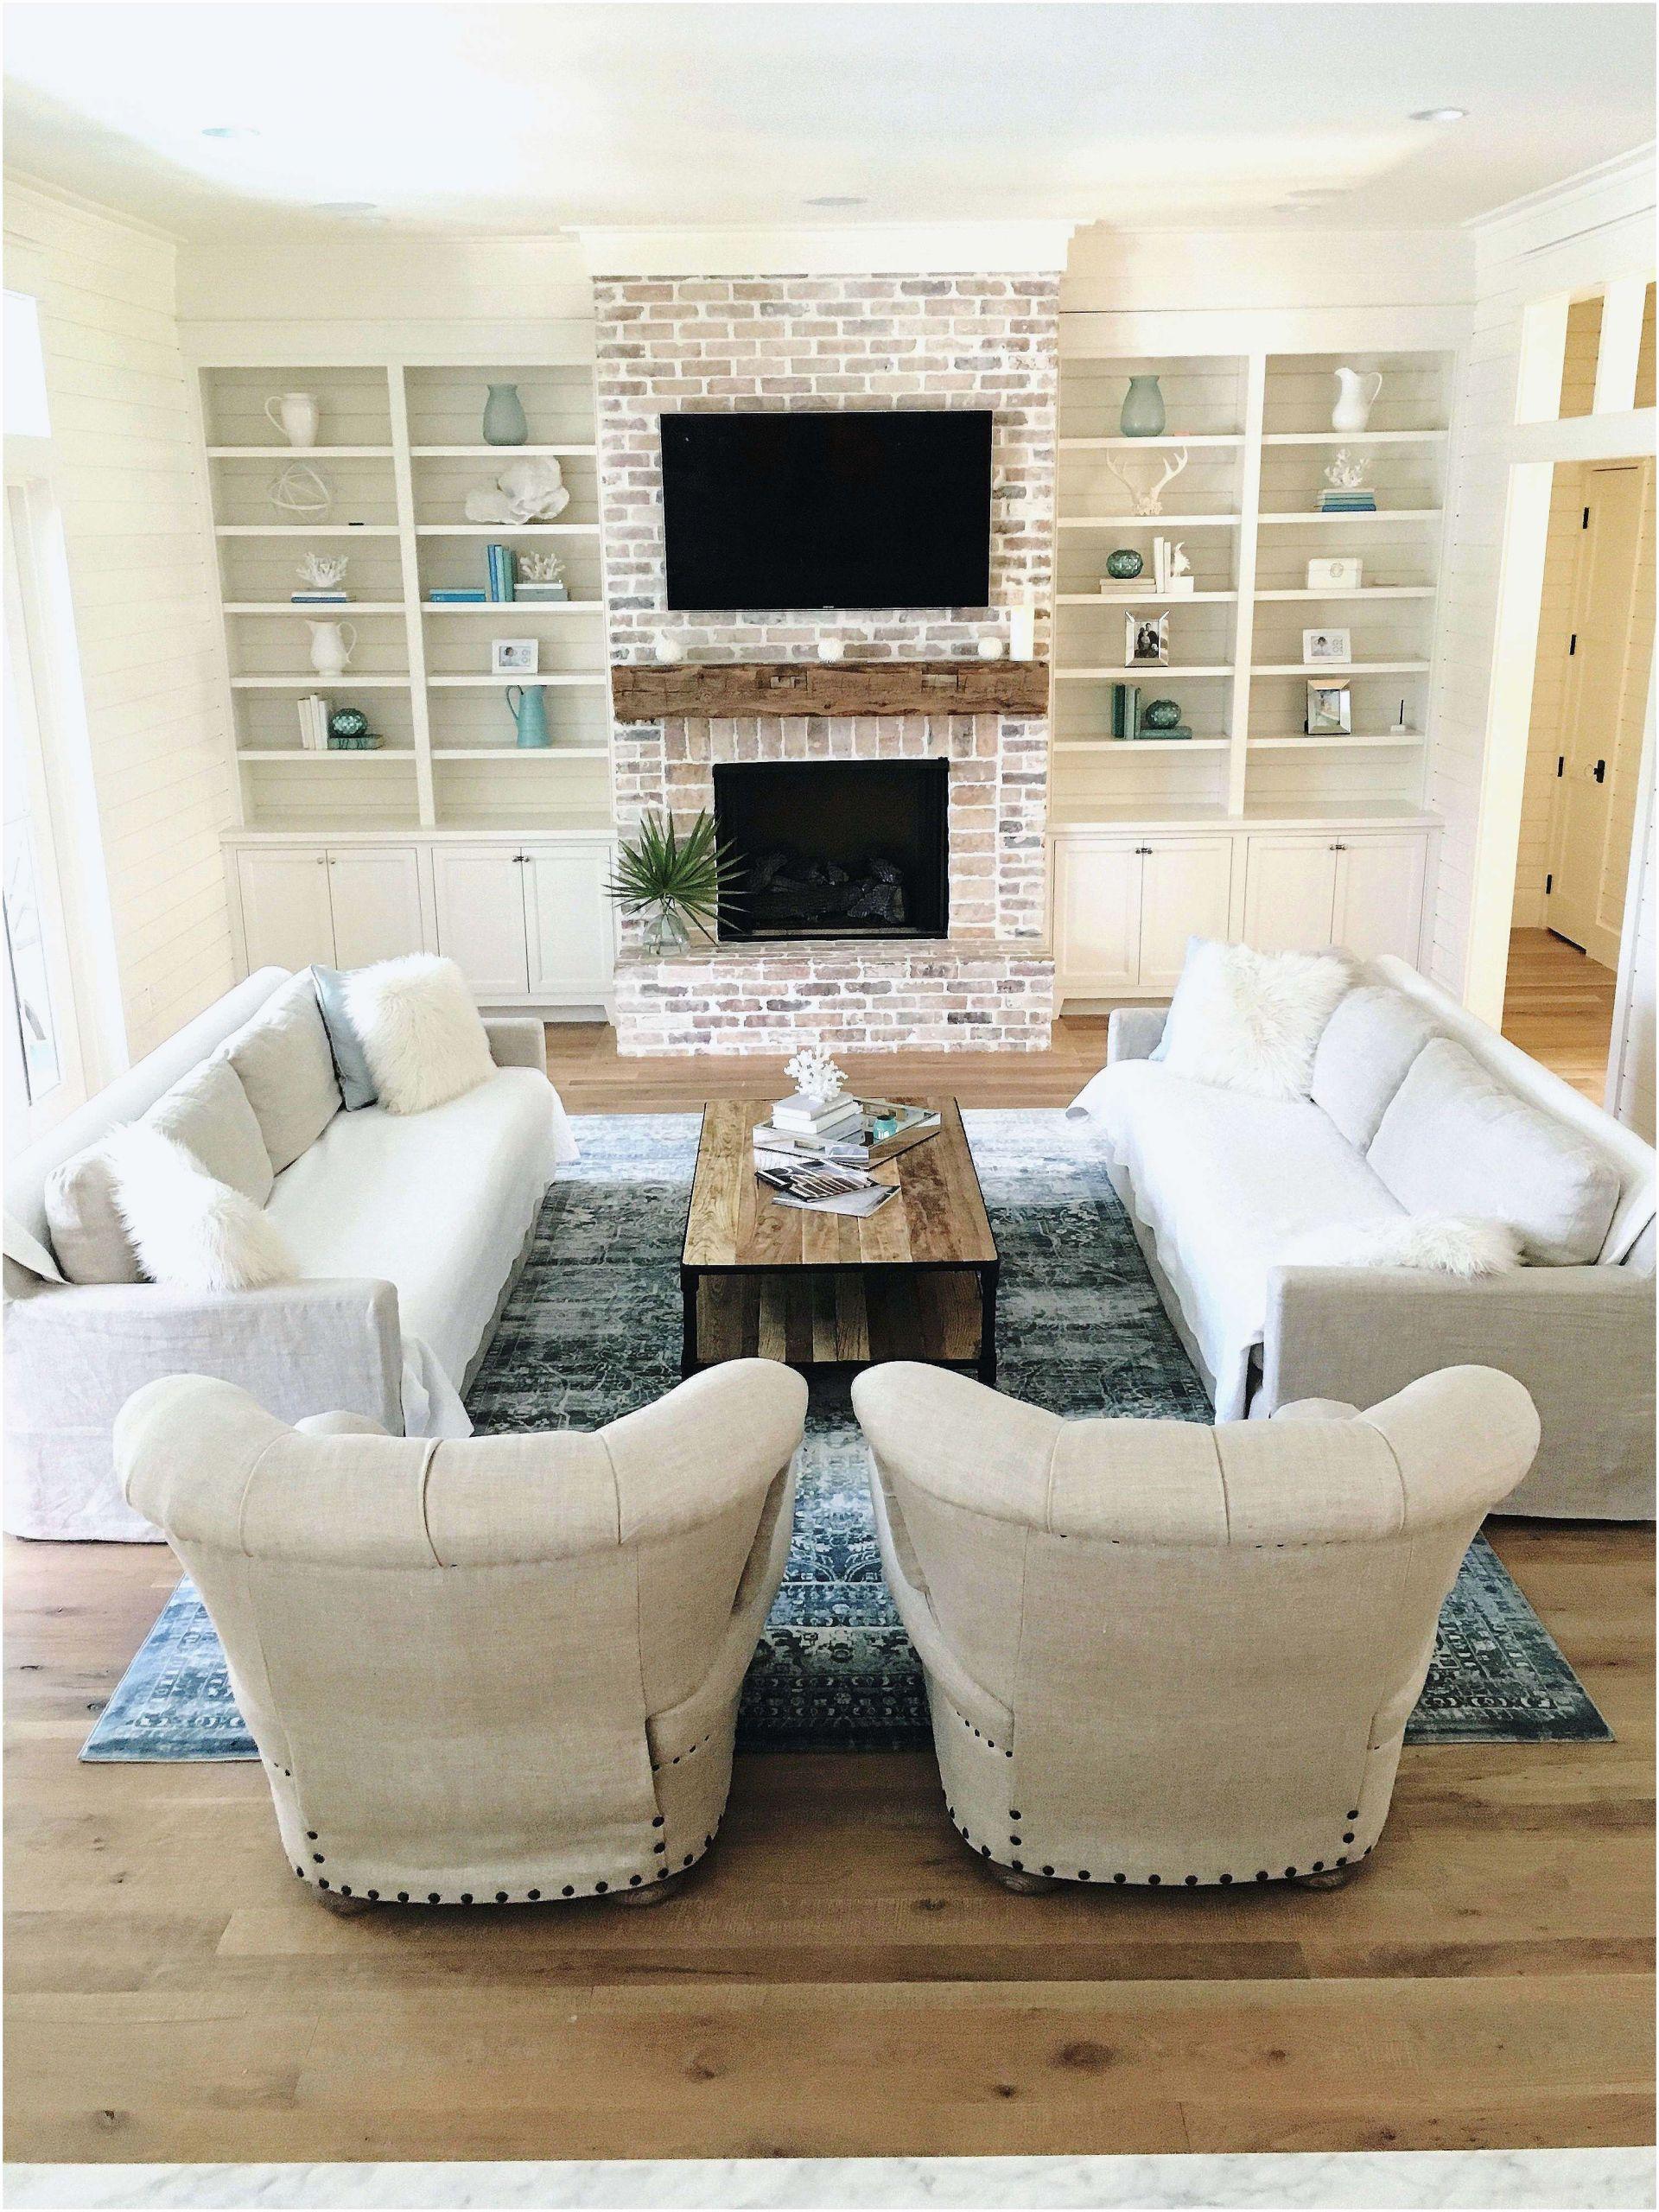 applique exterieur moderne beau beau tapis exterieur castorama luxe applique exterieure montante of applique exterieur moderne